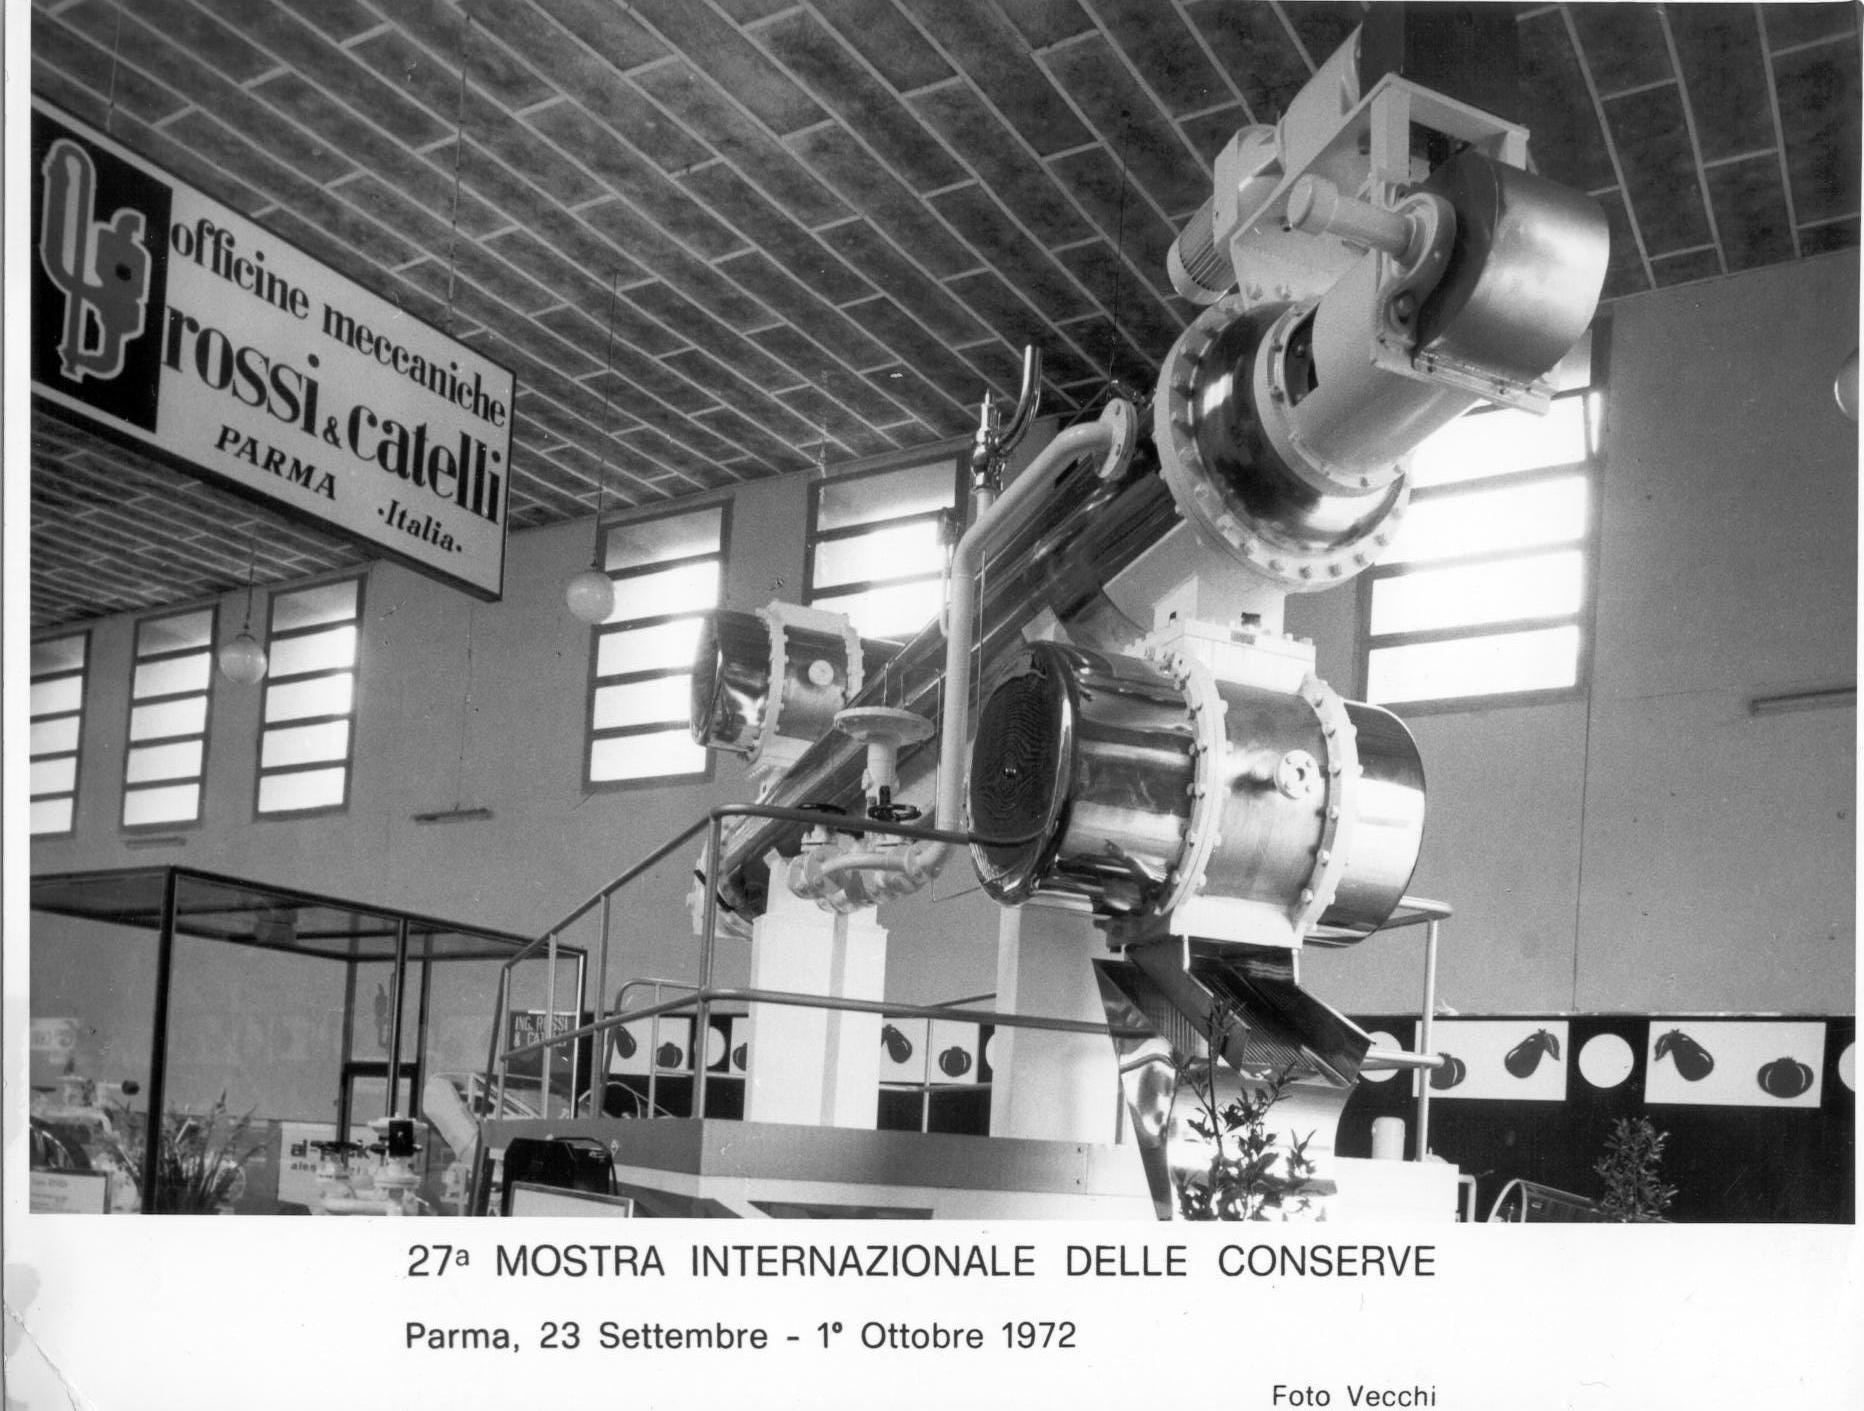 """La pelatrice termofisica """"Vesuvio"""" brevettata da Rossi & Catelli nel 1971."""